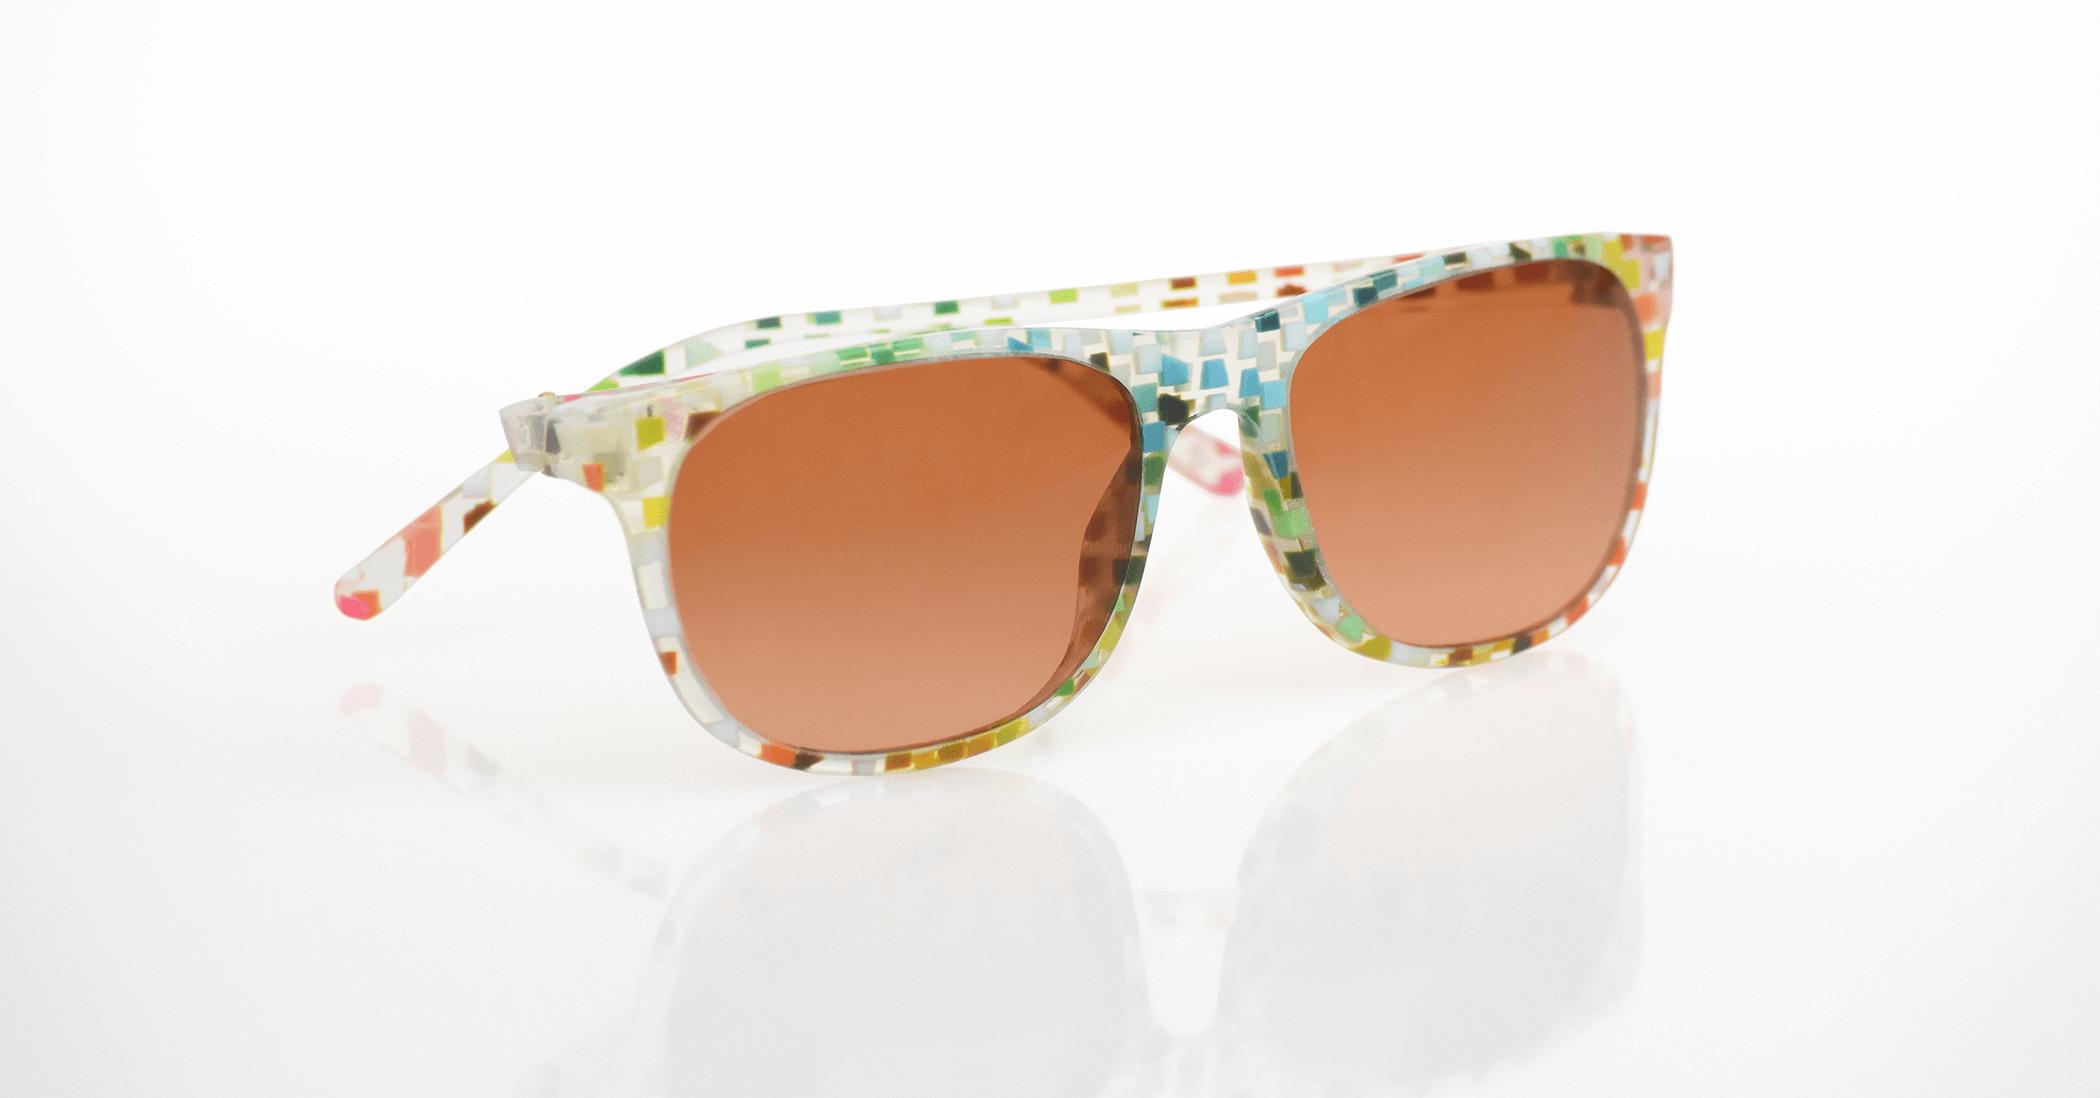 查看使用 Stratasys J750 列印的各種 VeroFlex 顏色組合的 3D 列印眼鏡原型。